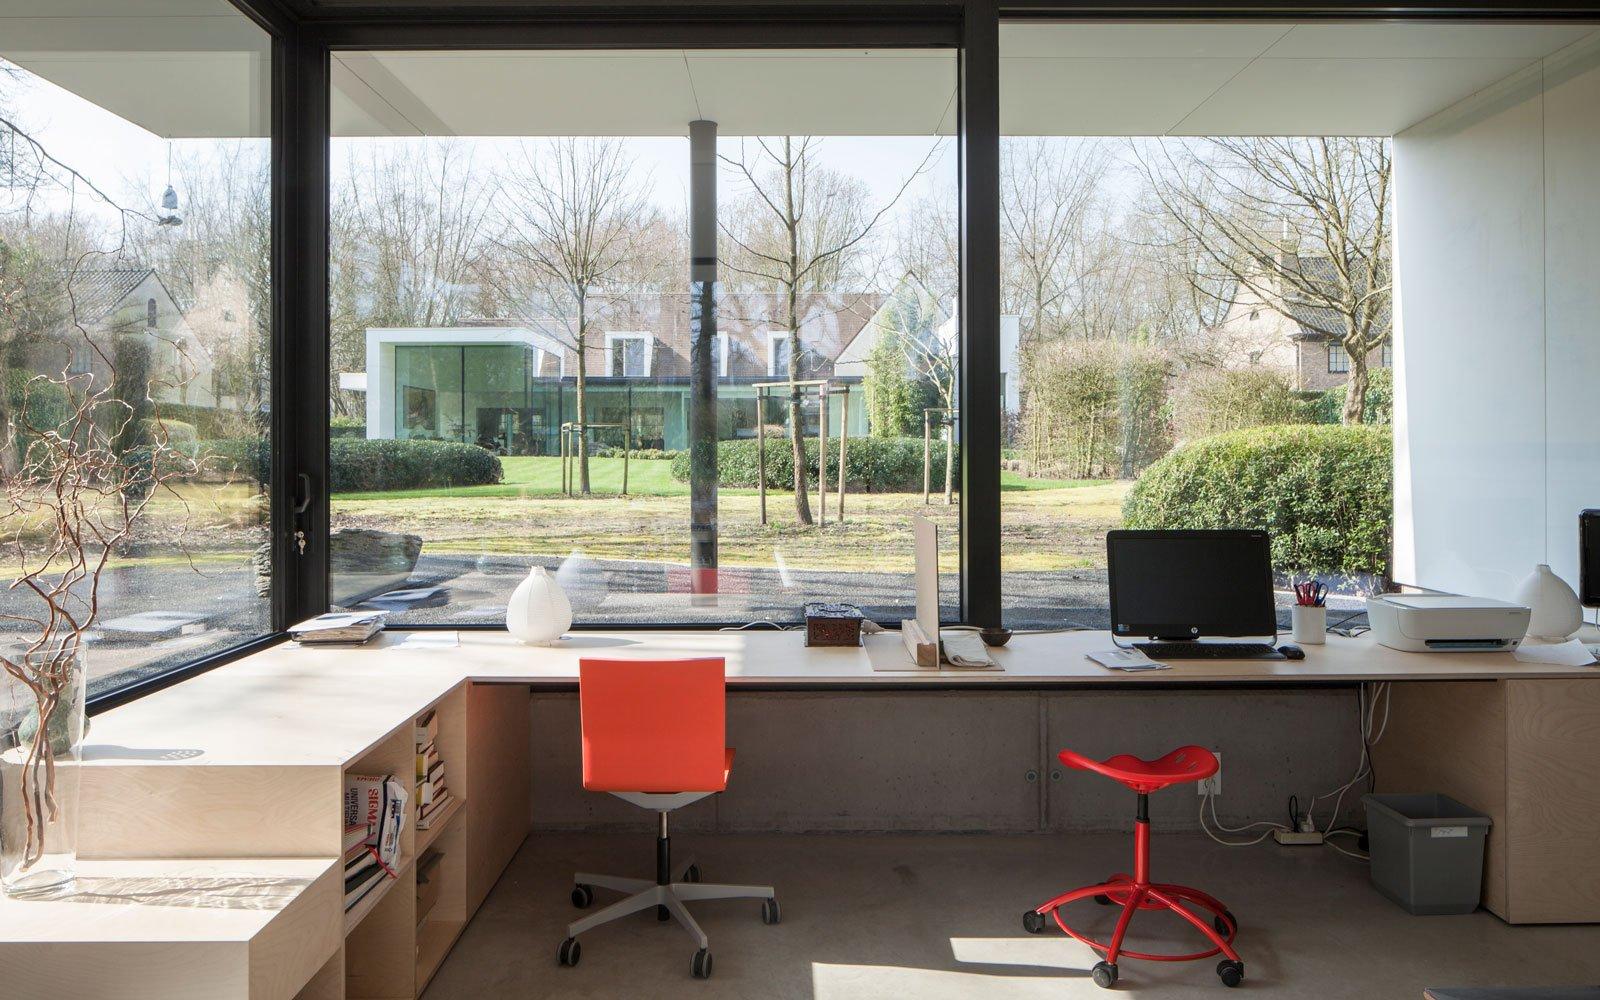 Kantoor, grote ramen, glas, zicht op de tuin, renovatie, p.ed architecten